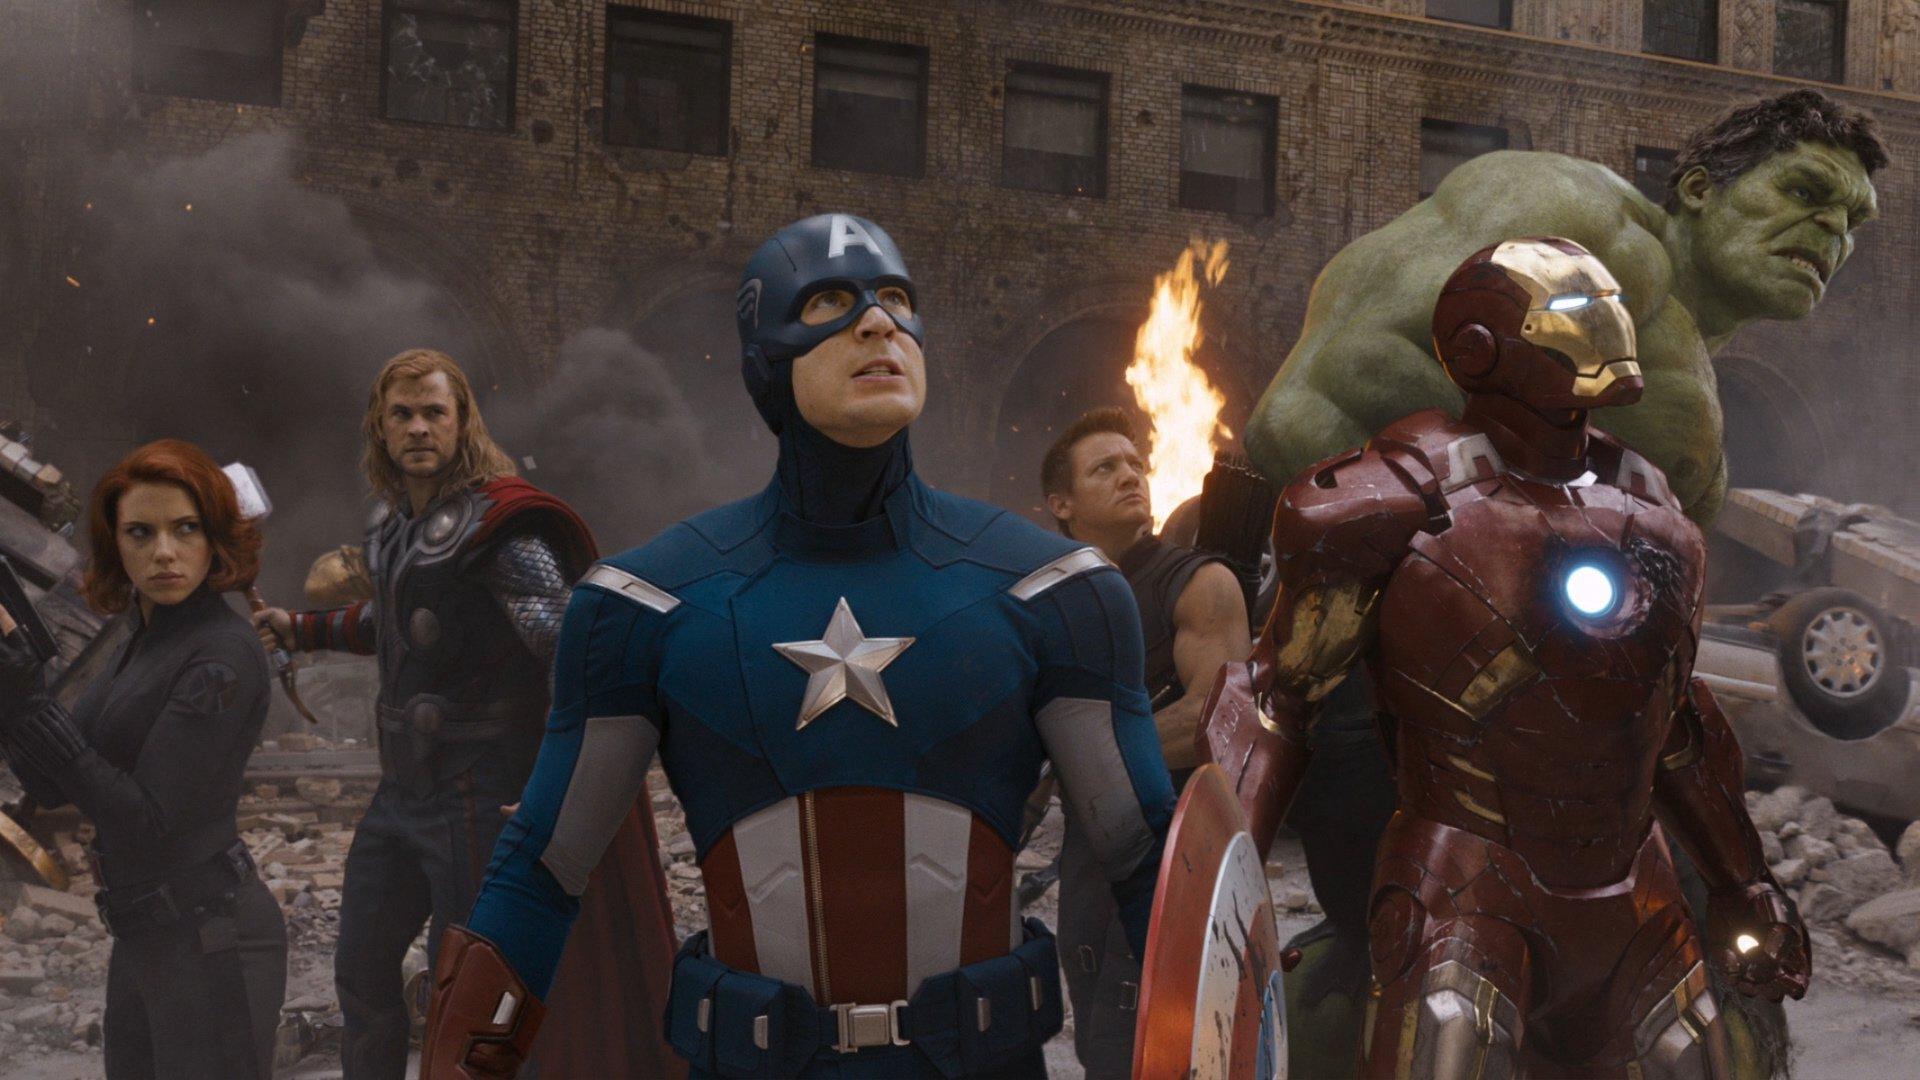 The Avengers backdrop